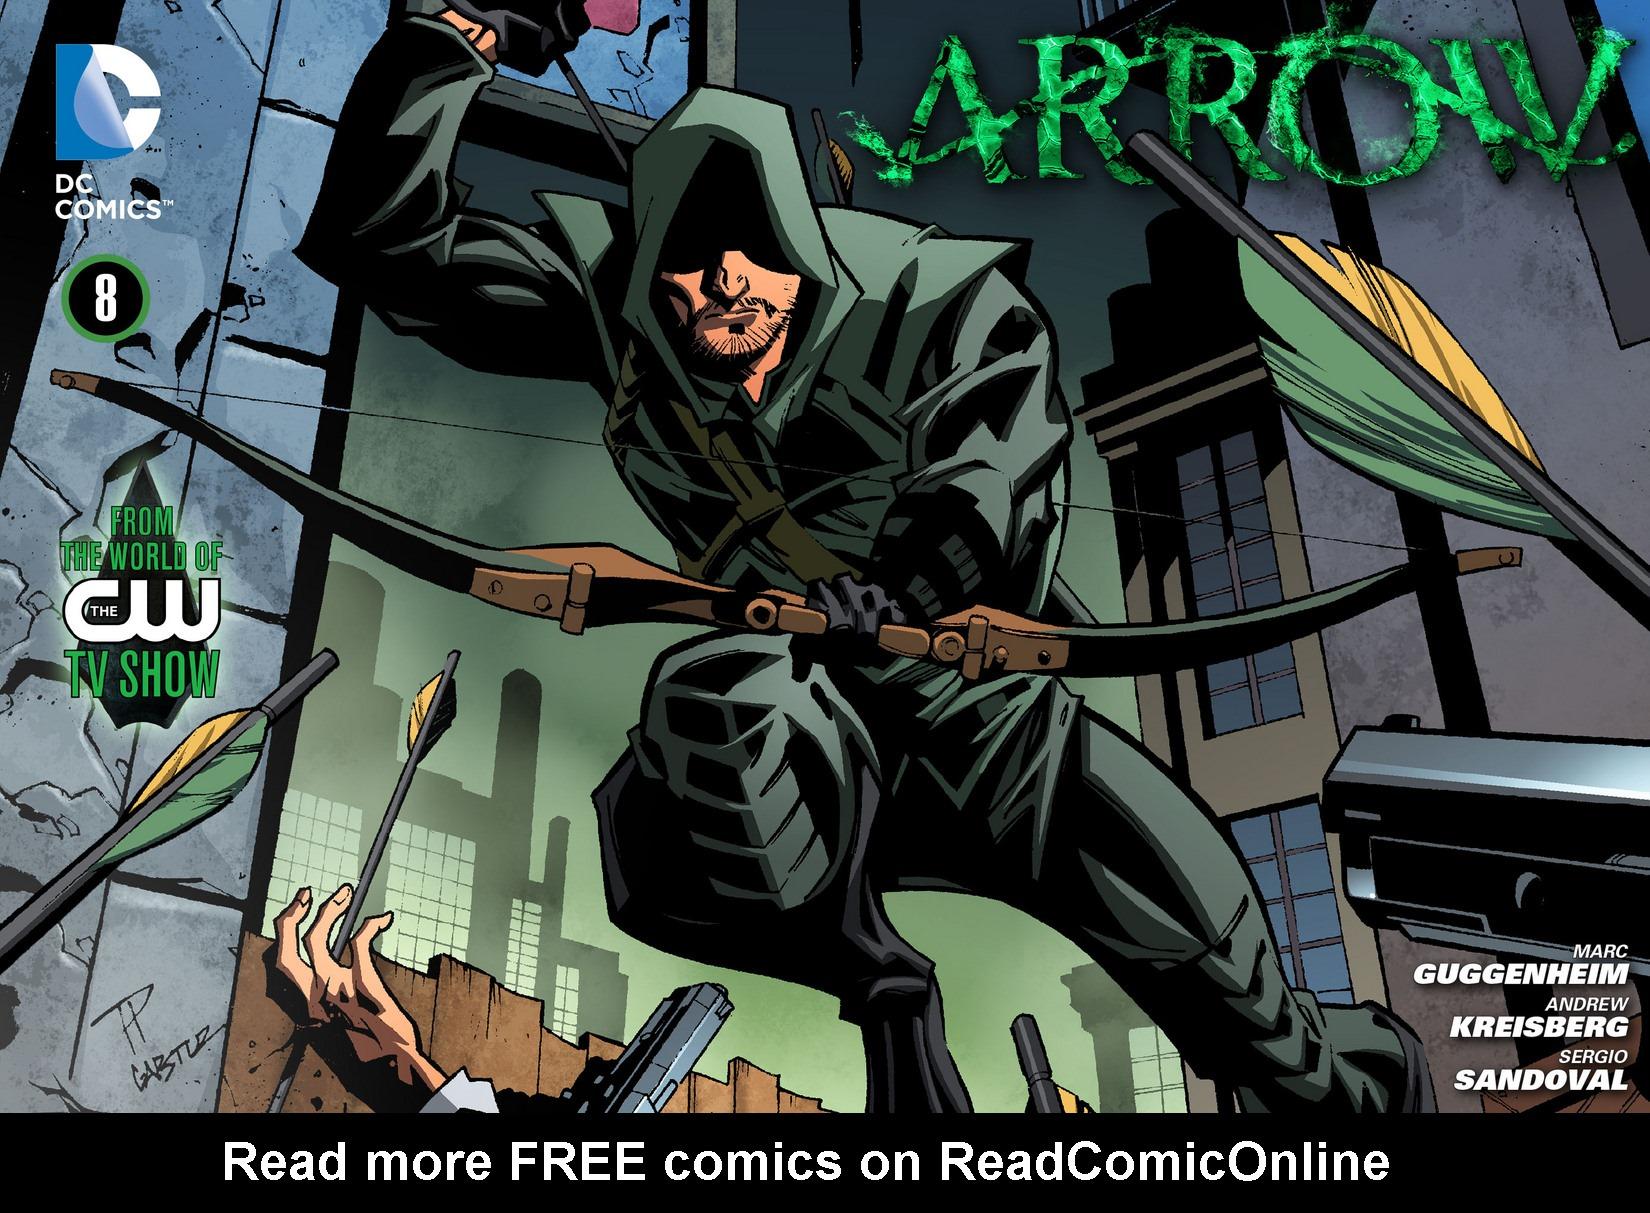 Read online Arrow [II] comic -  Issue #8 - 1